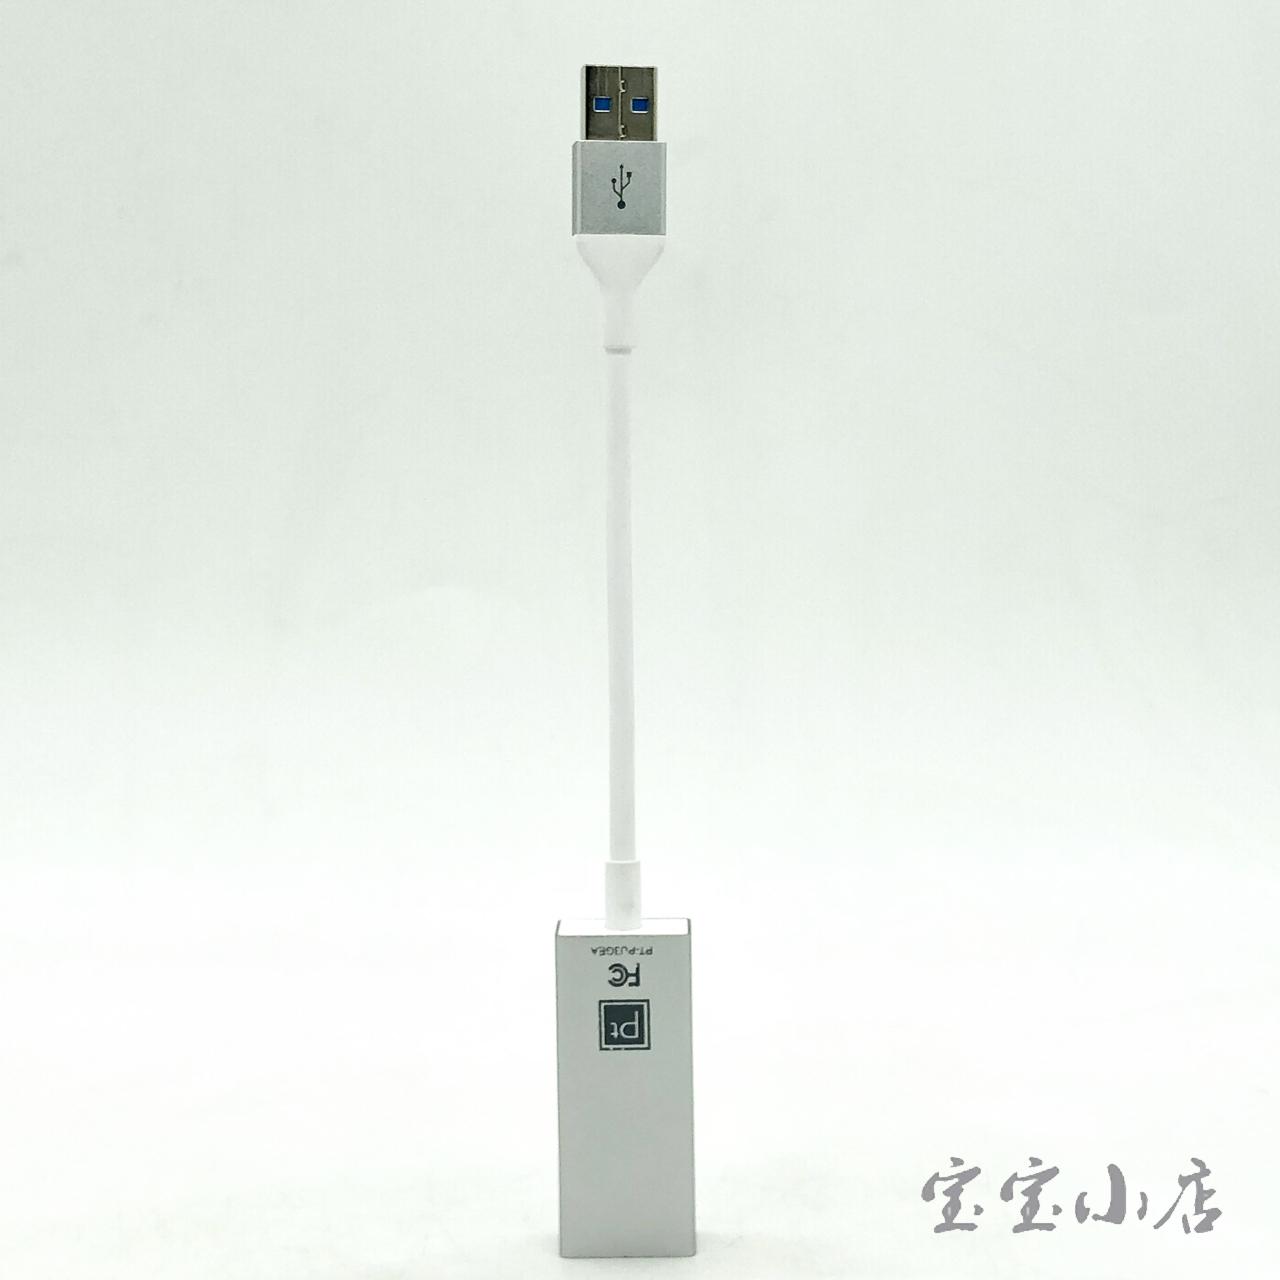 美国Platinum™ USB 3.0 Gen 1转千兆网口5Gbp/s 以太网适配器 转接器金属外壳LED指示灯PT-PU3GEA Gigabit Ethernet RJ45 Ethernet RTL8153